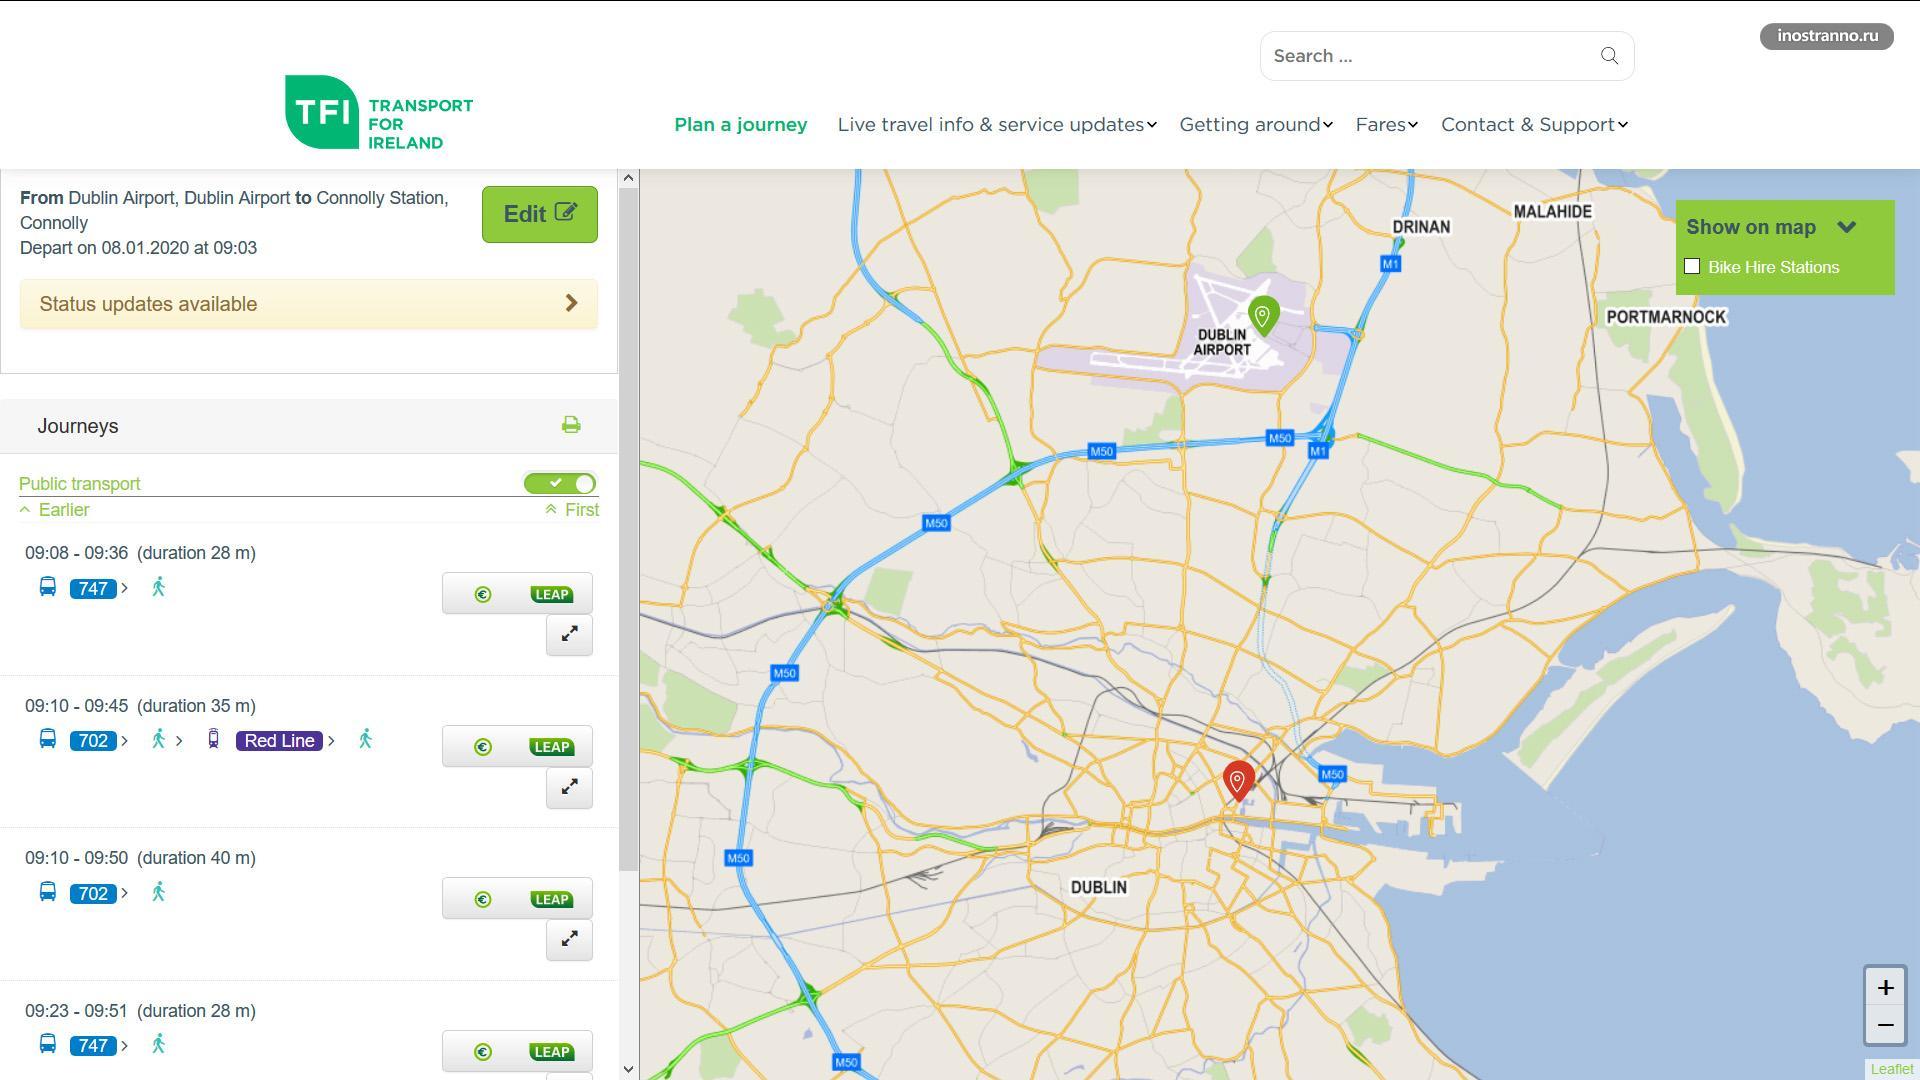 Официальный сайт транспорта Дублина